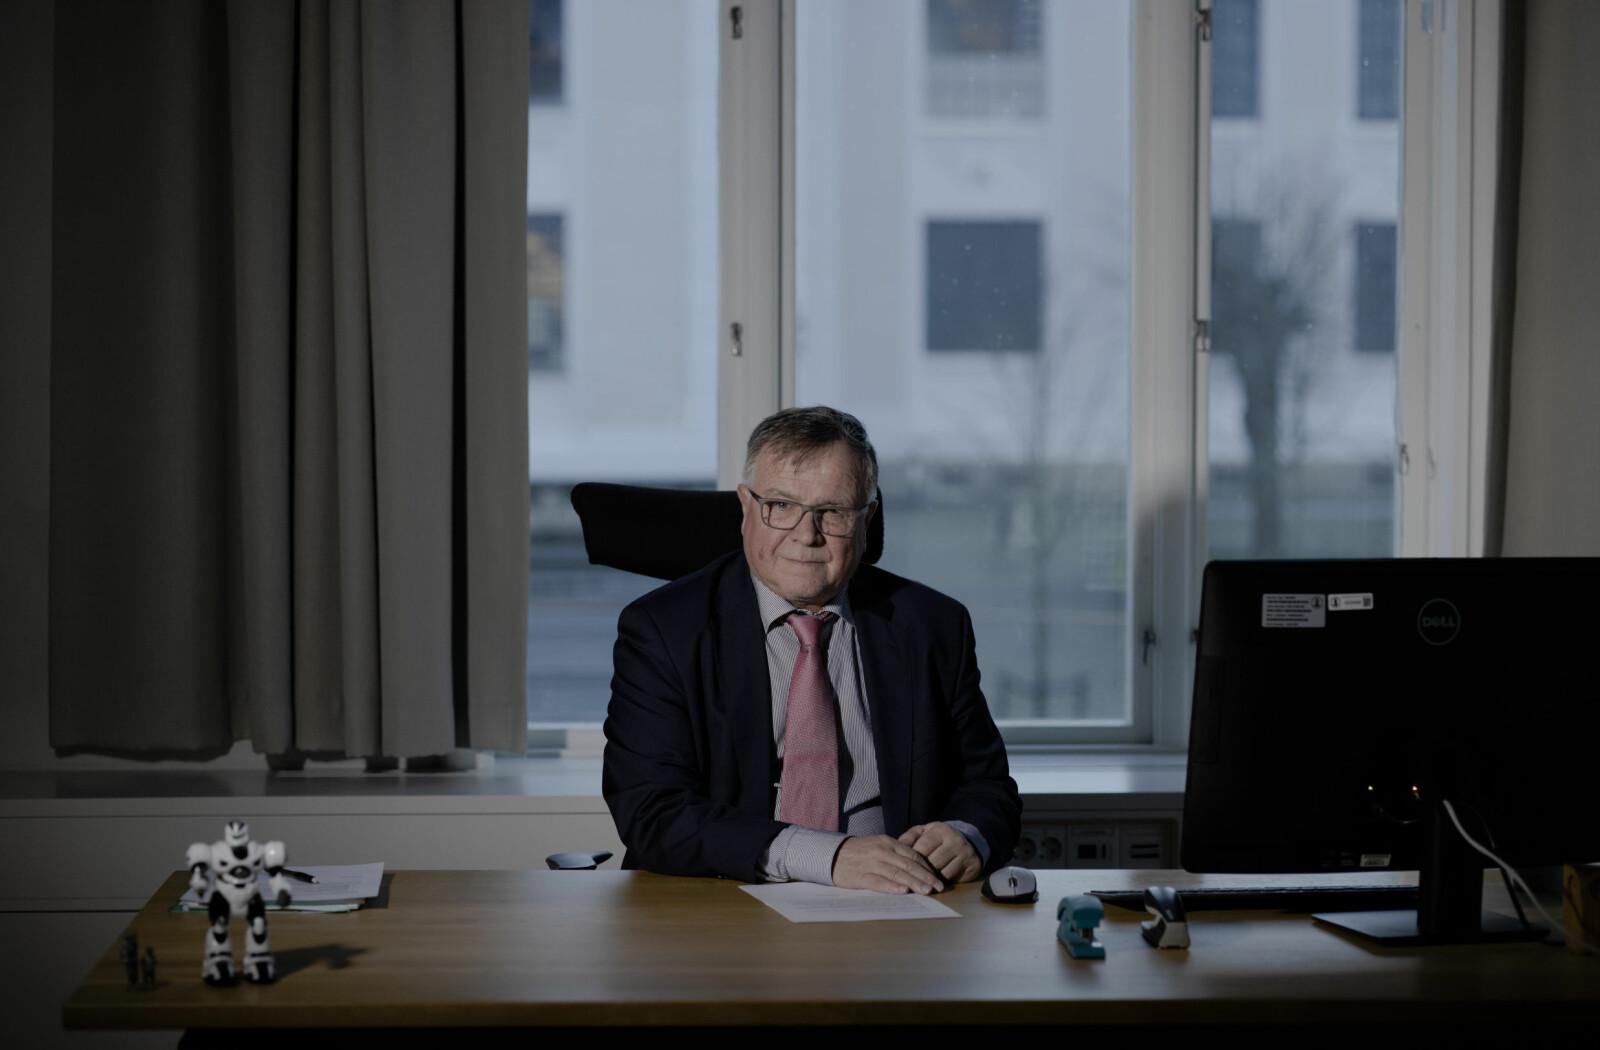 For 24 år siden ble han rekruttert som personal- og øknomisjef av daværende universitetsdirektør ved Universitetet i Bergen, Kåre Rommetveit. Nå har Kjell Bernstrøm selv lagt bak seg seg seks år som universitetsdirektør.